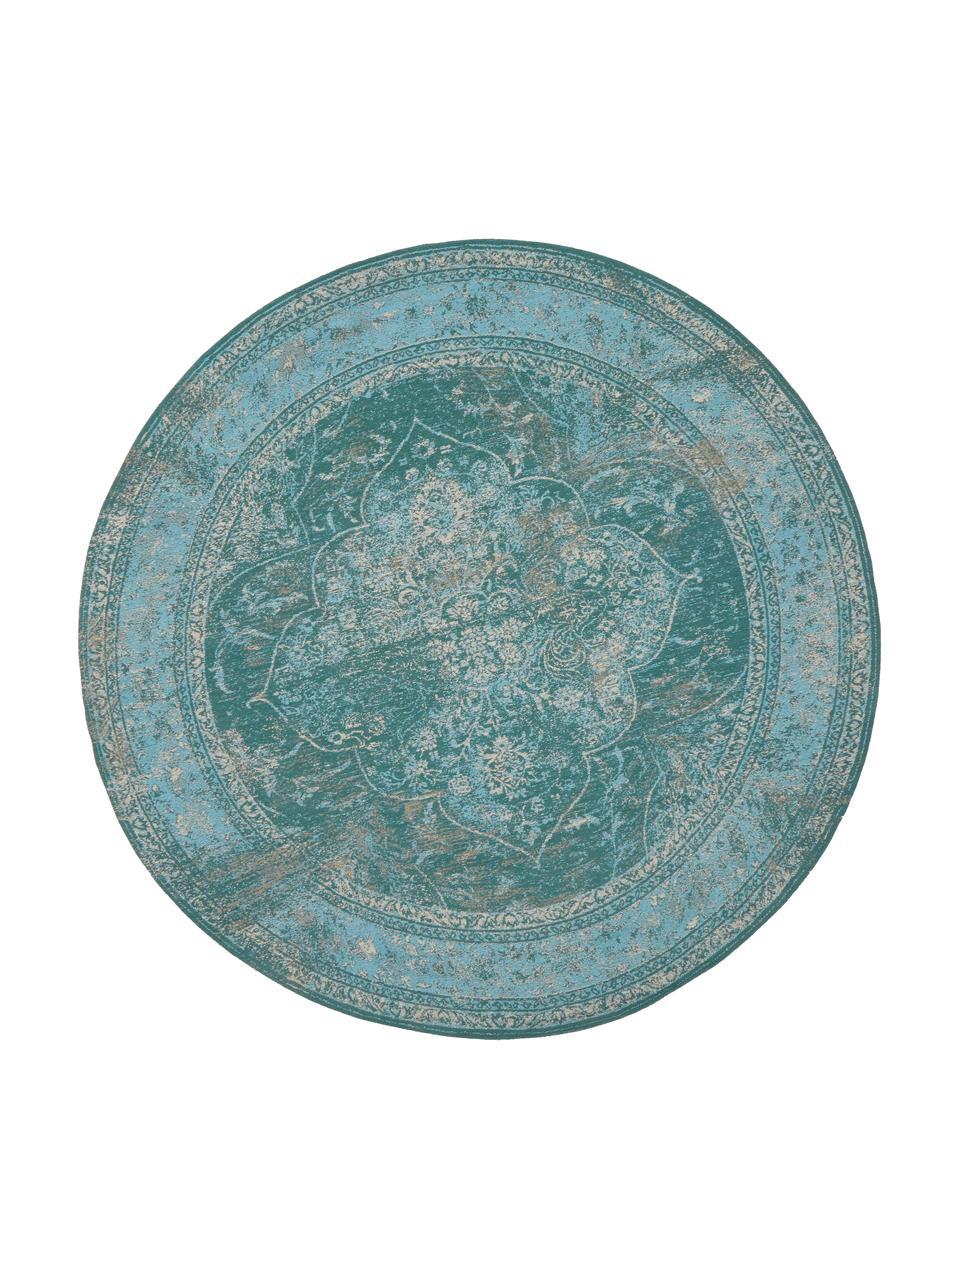 Runder Vintage Chenilleteppich Palermo in Türkis, Flor: 95% Baumwolle, 5% Polyest, Türkis, Hellblau, Creme, Ø 200 cm (Größe L)